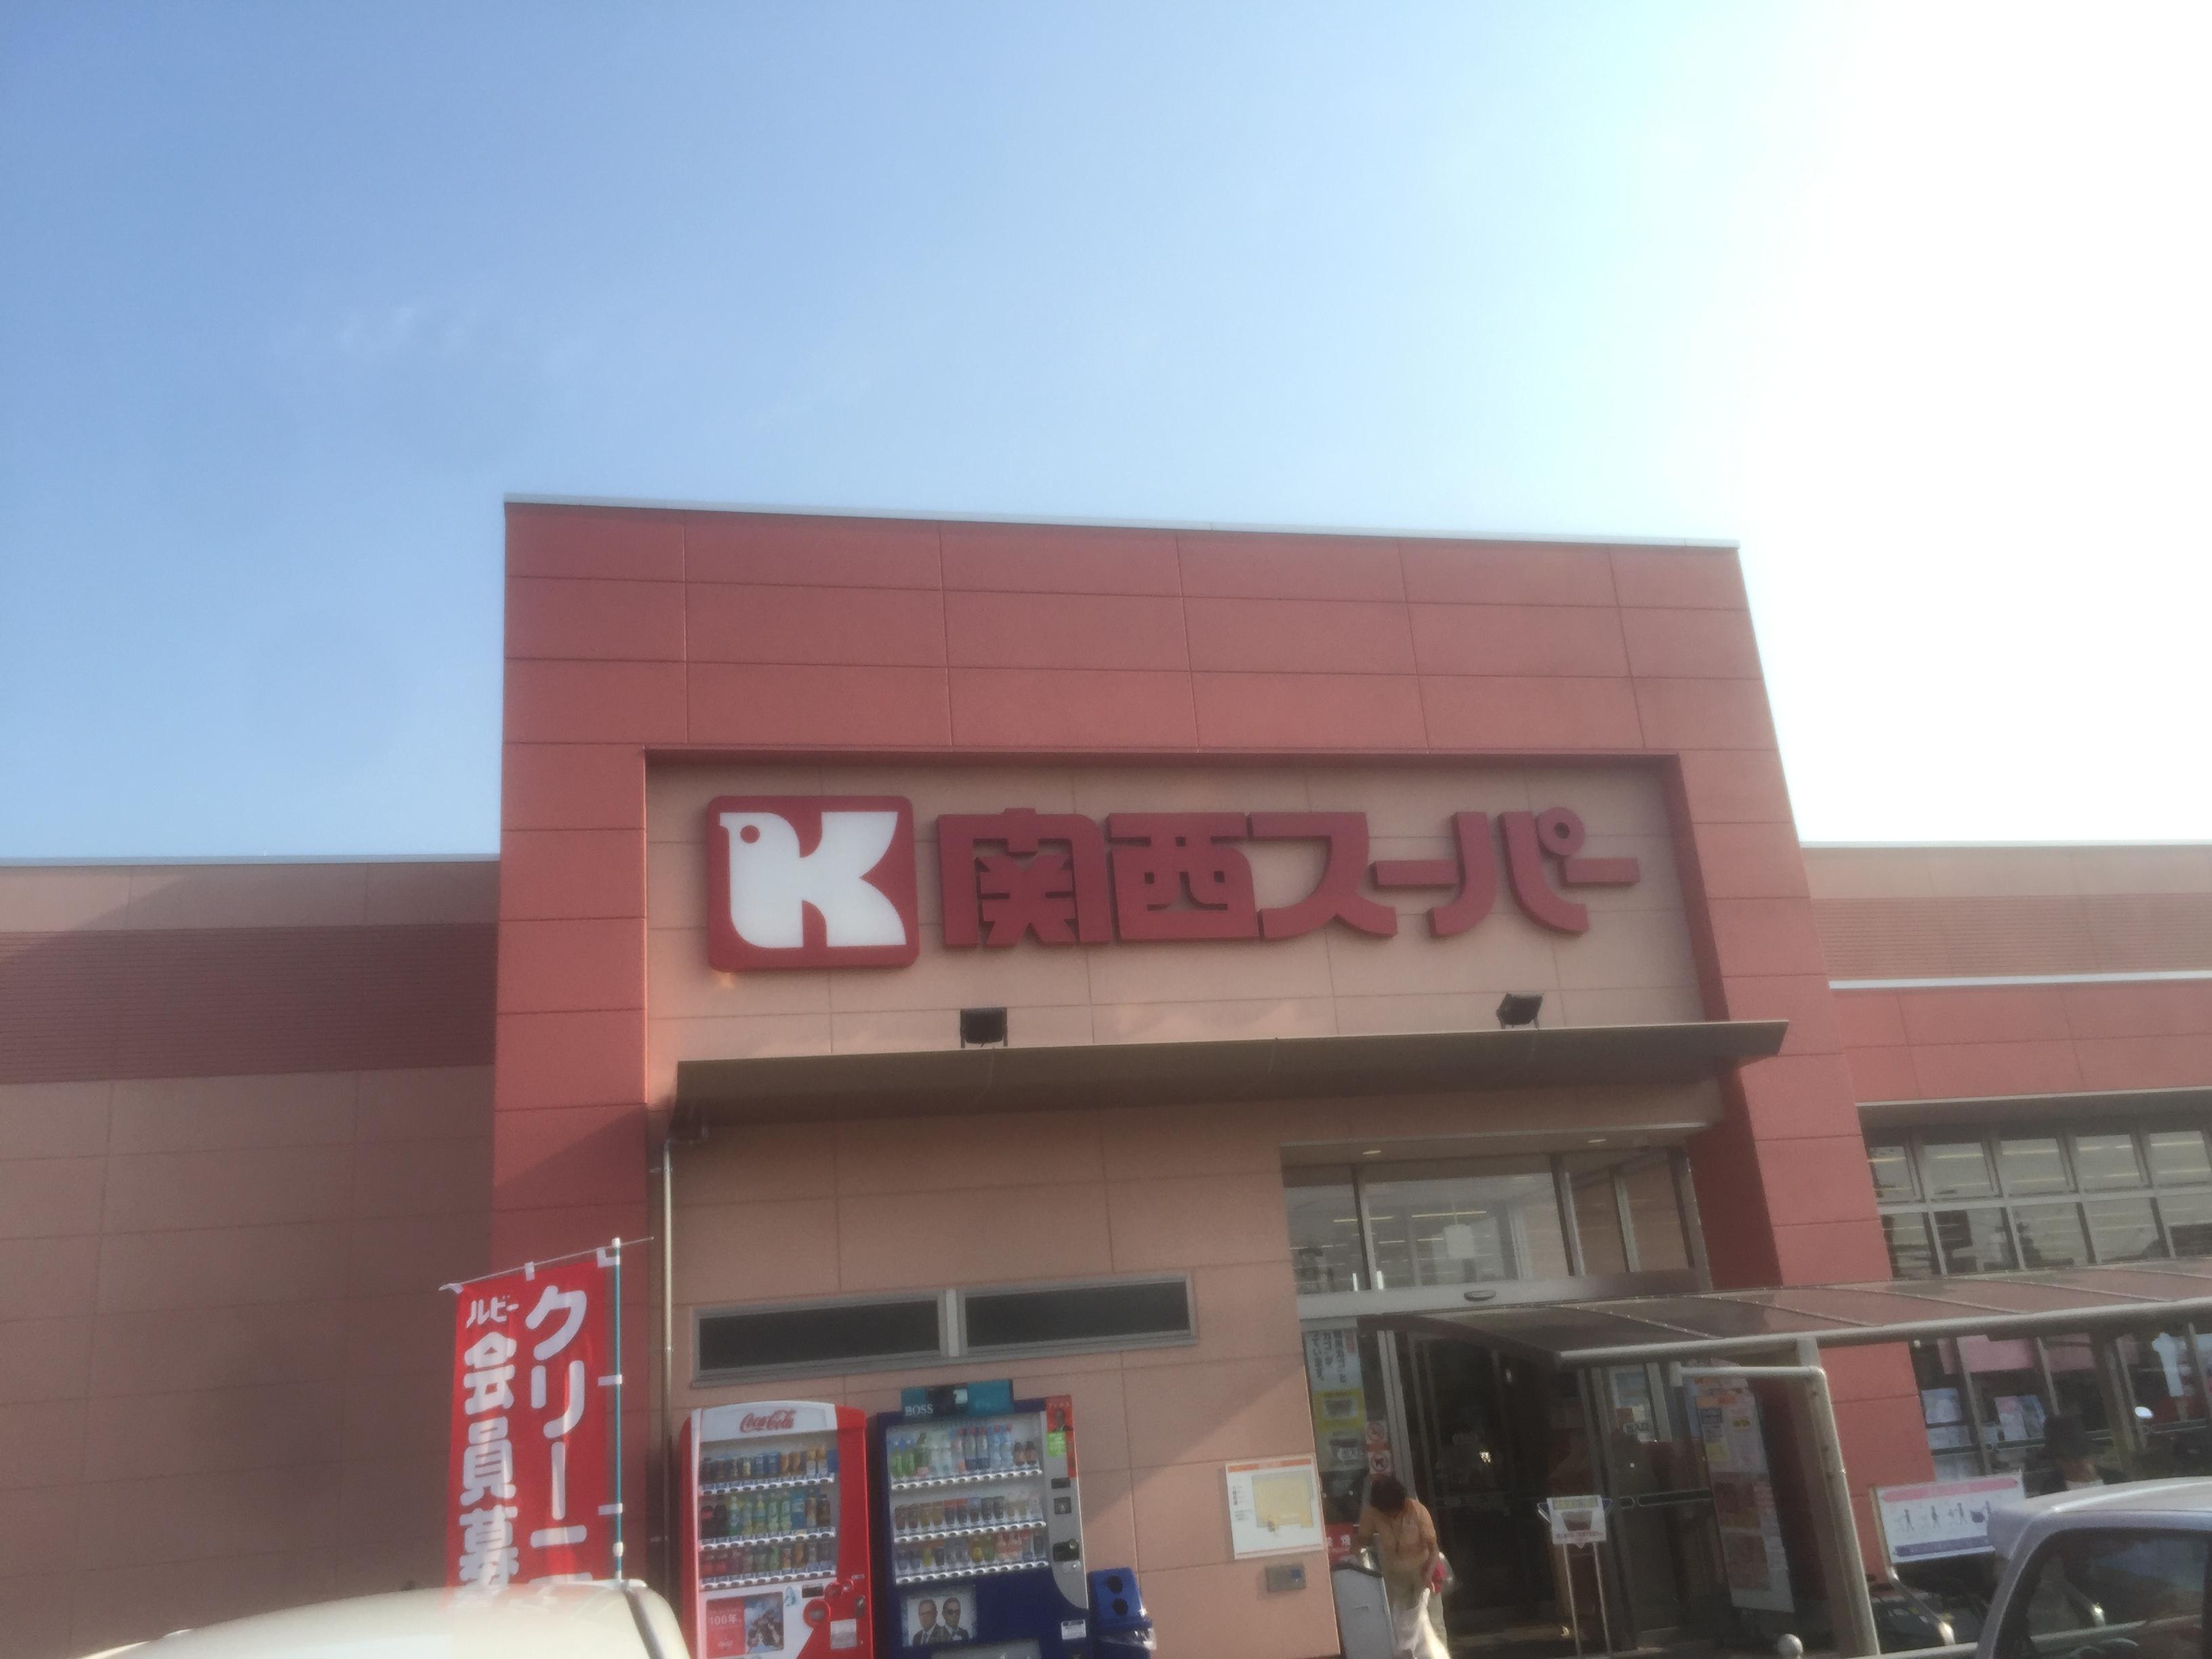 奈良で食べられるから揚げ⑩ 関西スーパー 桜島どり 塩麹唐揚げレビュー